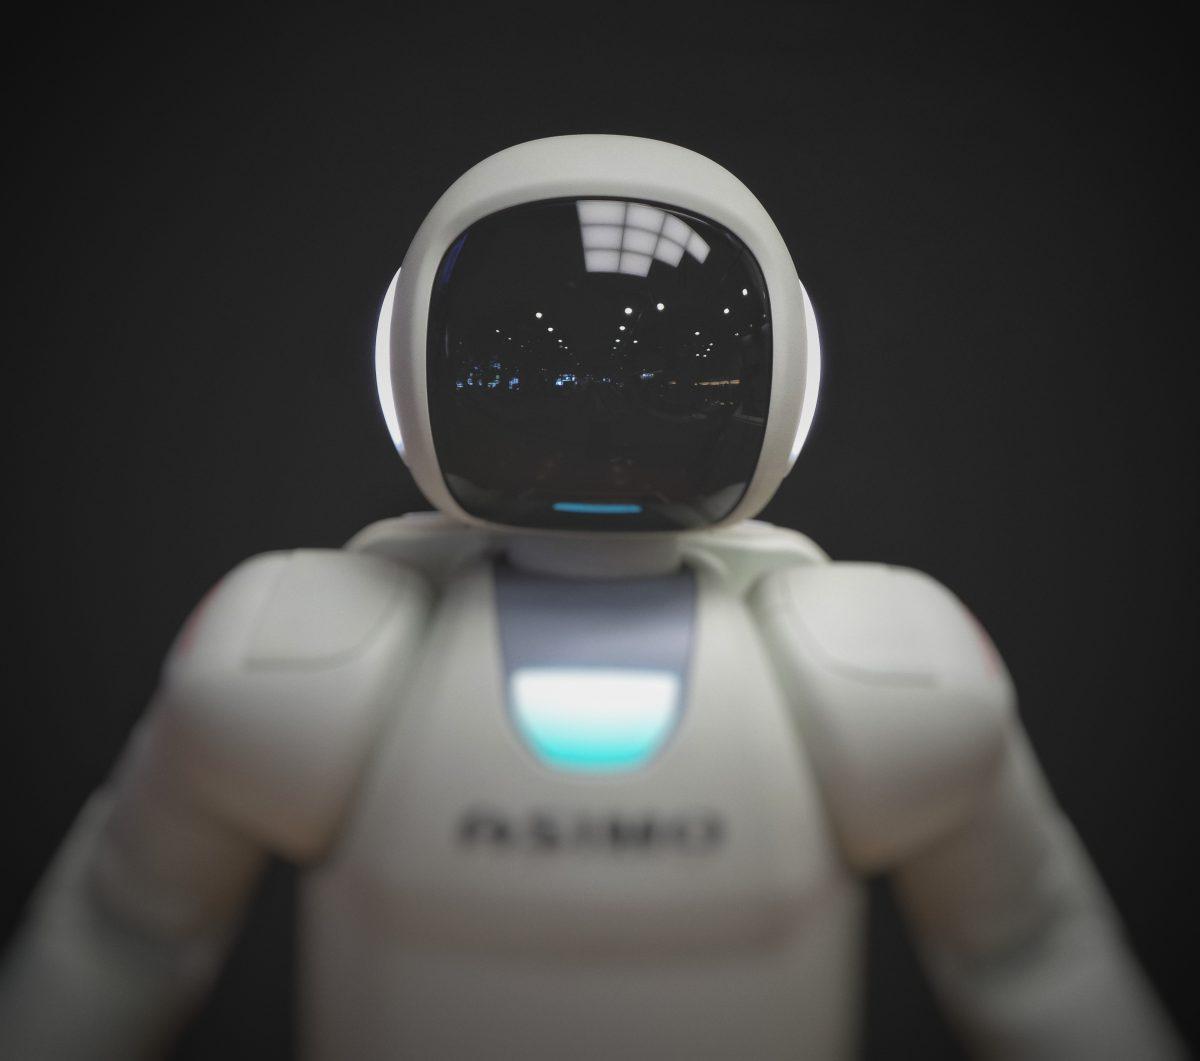 bevásárlóközpont robot